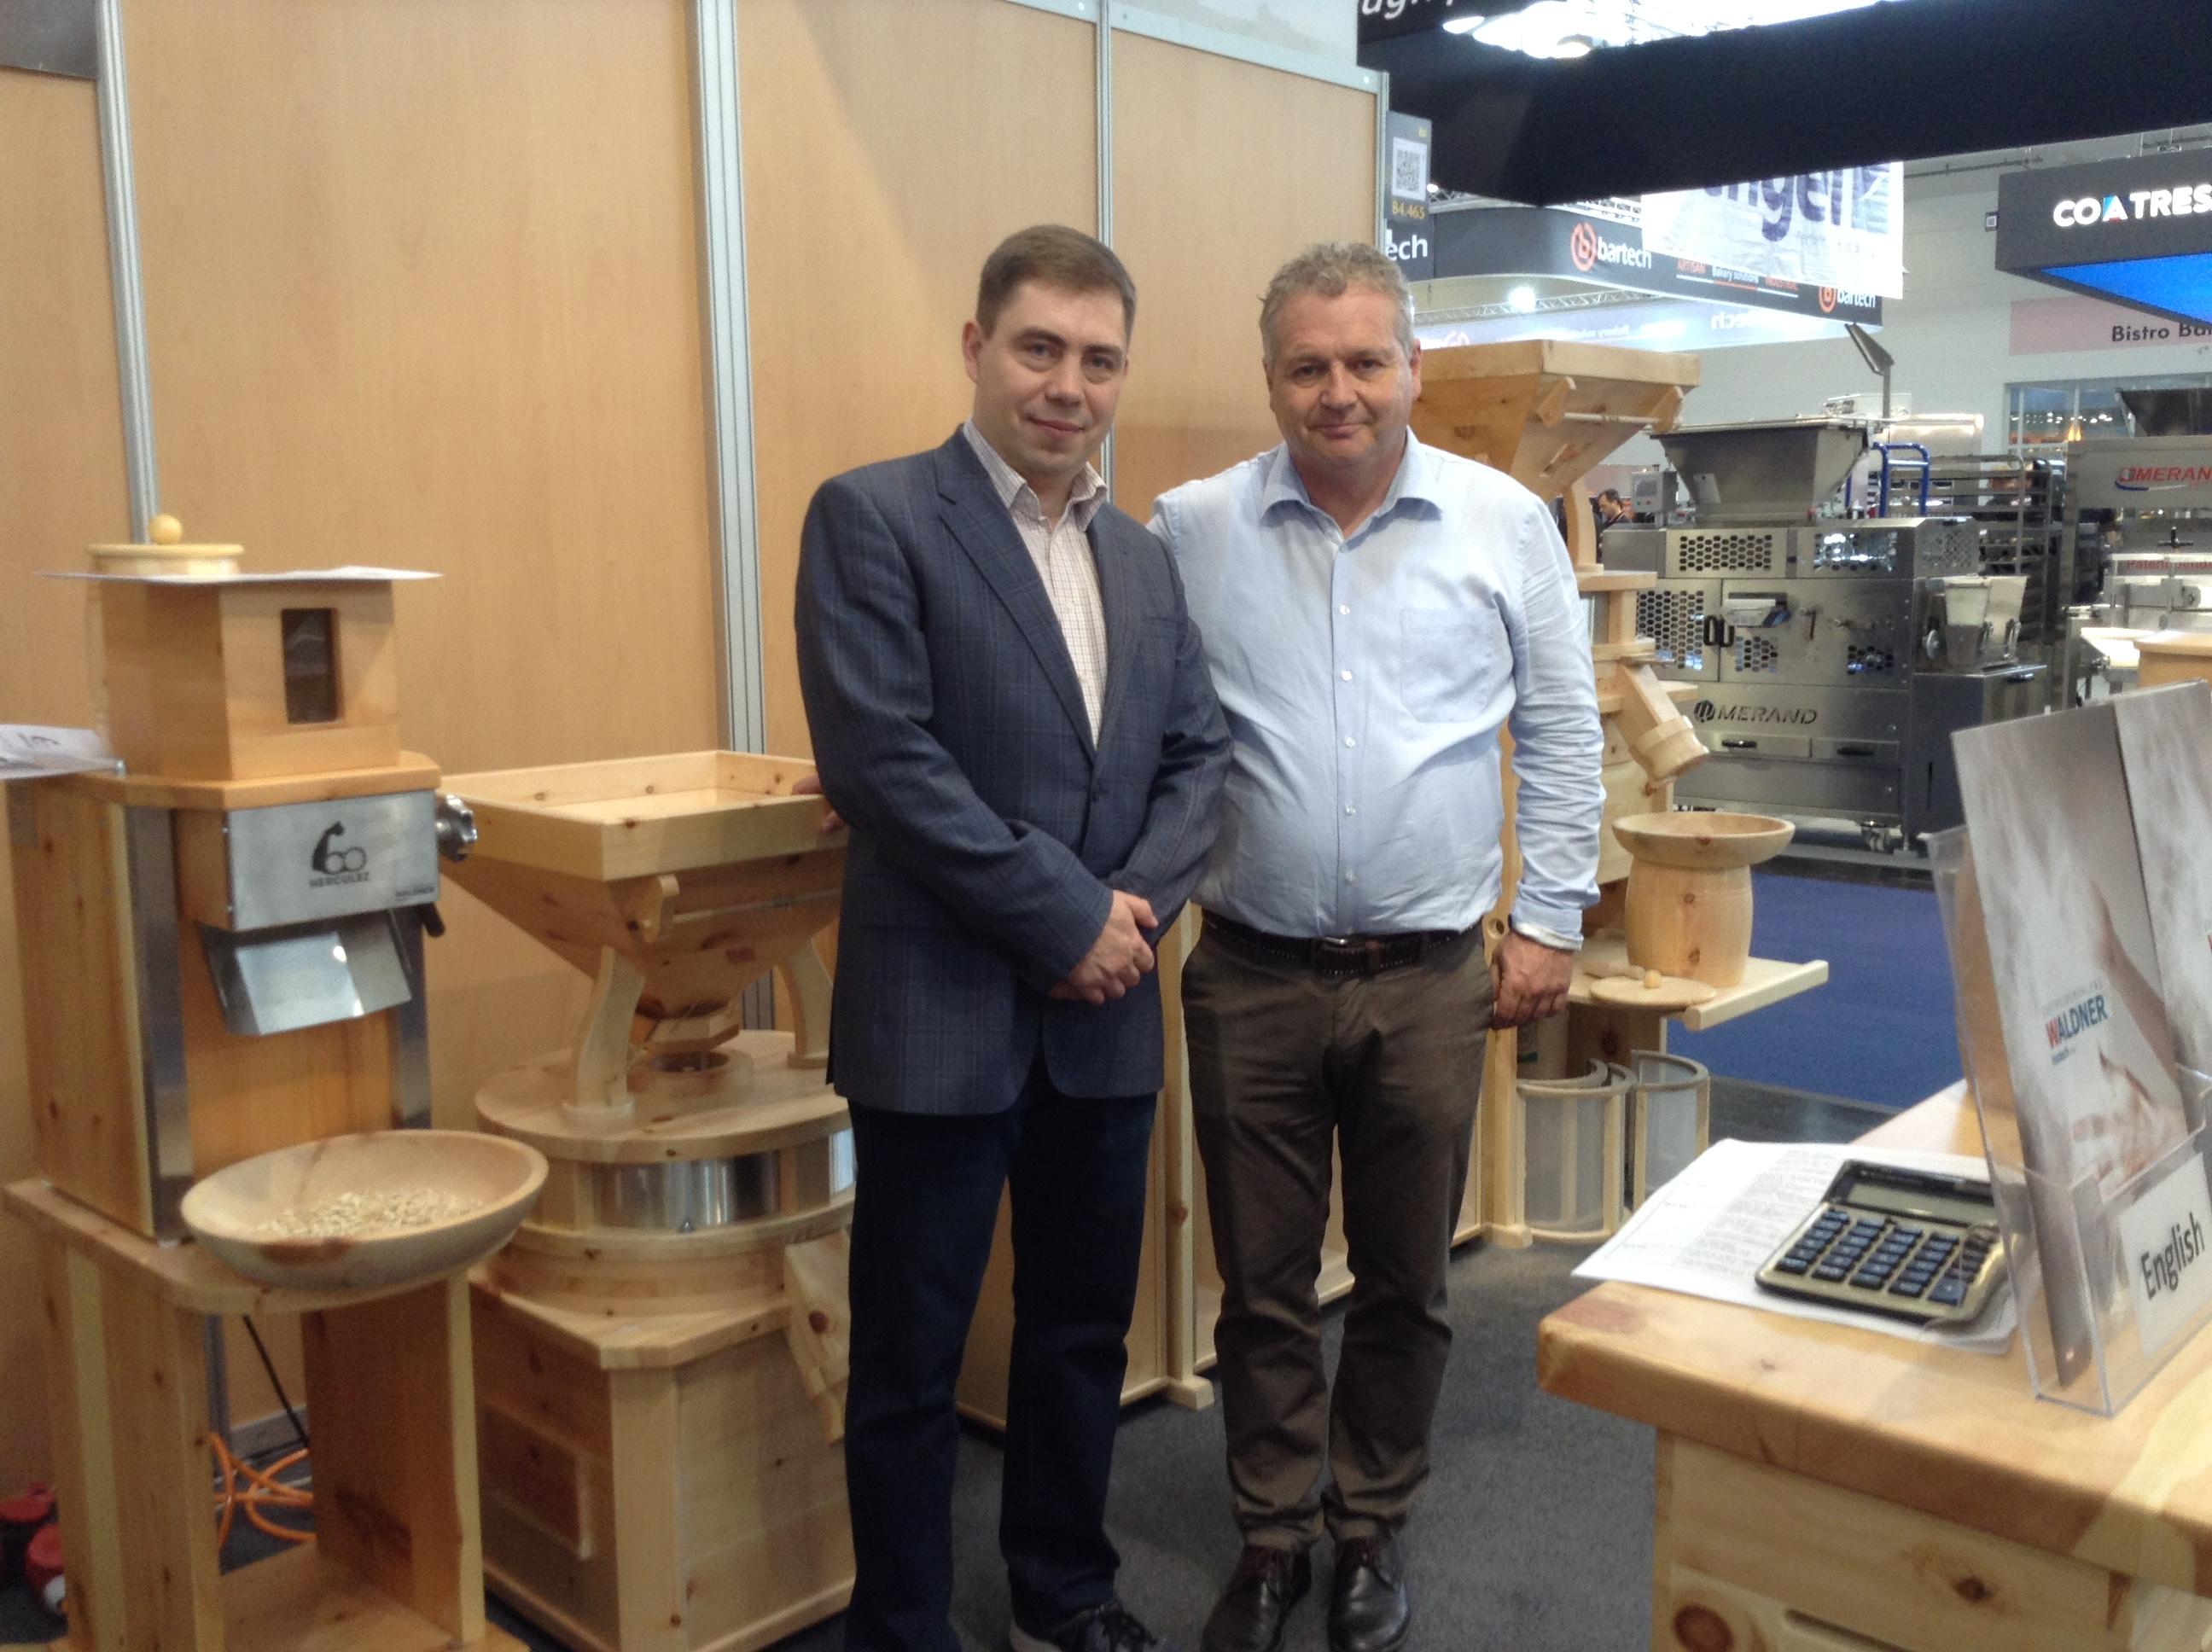 Леонид Демидов от компании SHELDEM и Дитер Вальднер от Waldner Biotech на выставке IBA